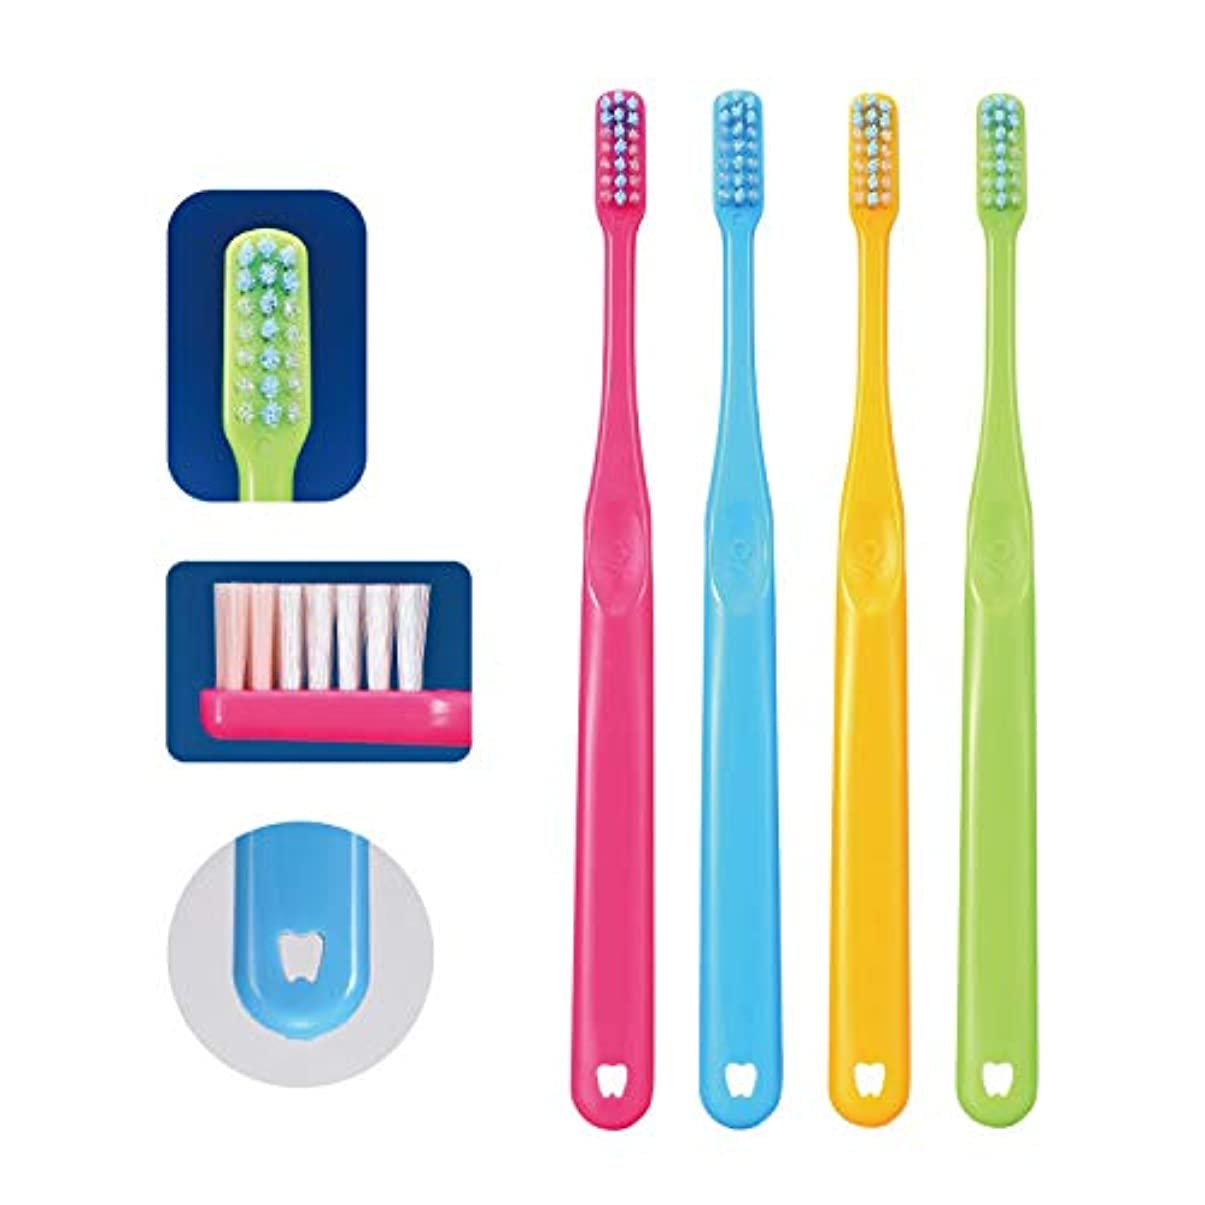 トランクライブラリ放課後テロCi PRO PLUS プロプラス 歯ブラシ 20本 M(ふつう) 日本製 プラーク除去 歯科専売品